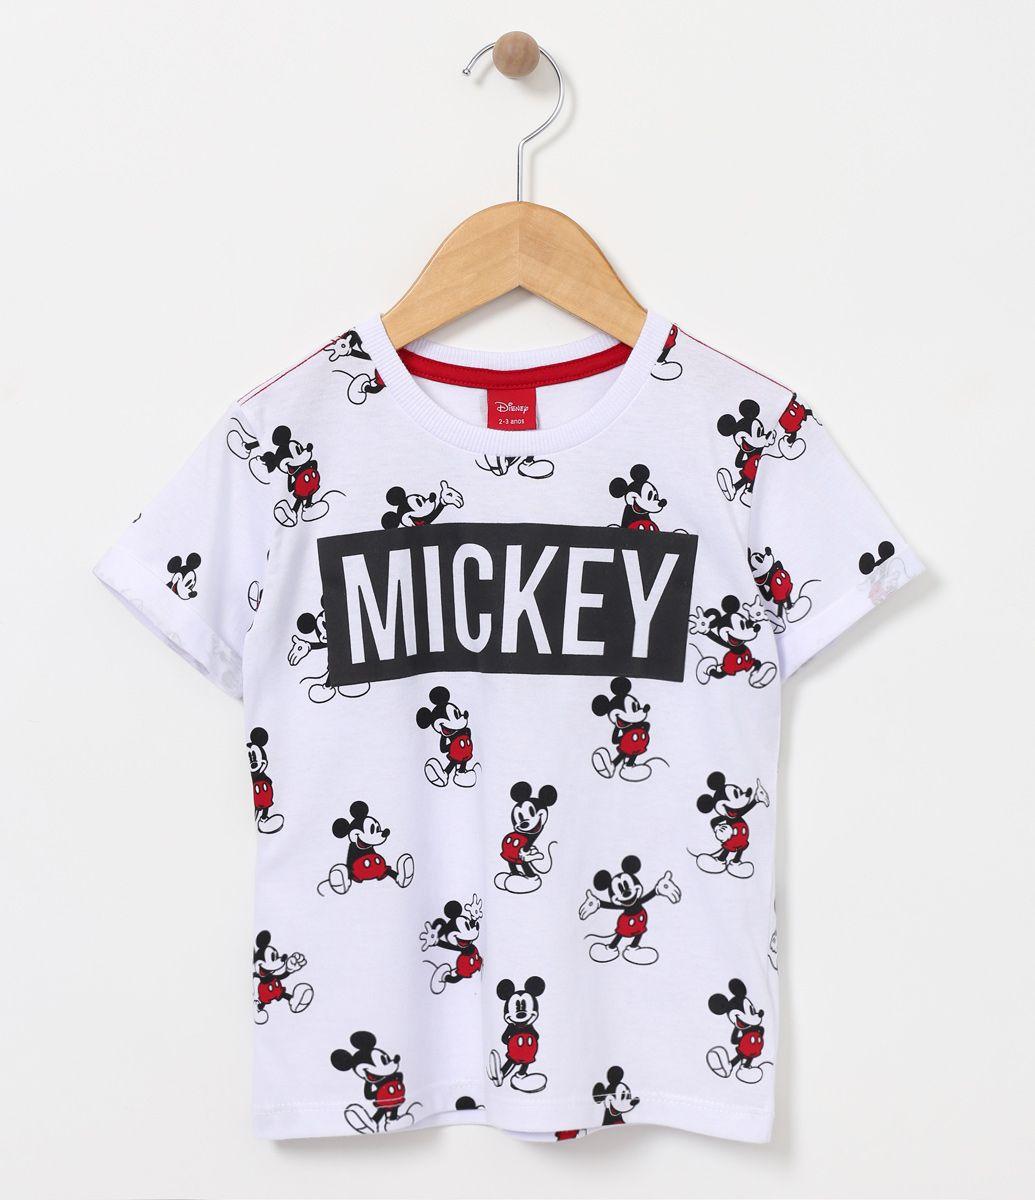 Camiseta infantil Manga curta Gola redonda Estampada Marca  Mickey Mouse  Tecido  meia malha COLEÇÃO VERÃO 2017 Veja mais opções de camisetas infantis . c4a801b03e0